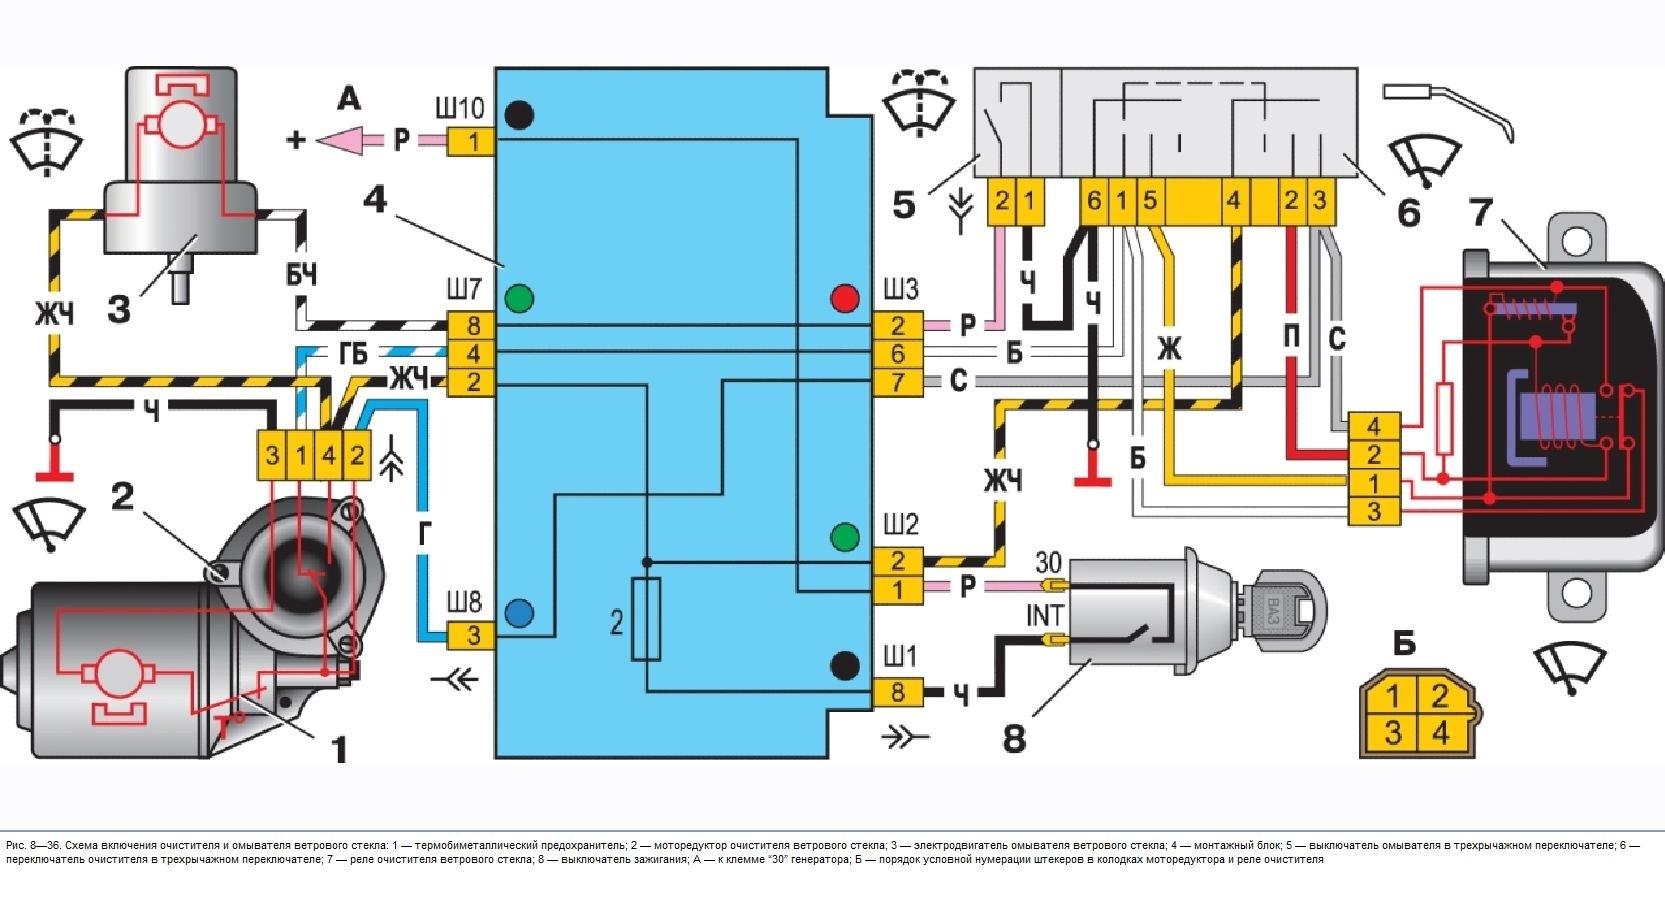 Схема подключения батарей системы водяного отопления 977